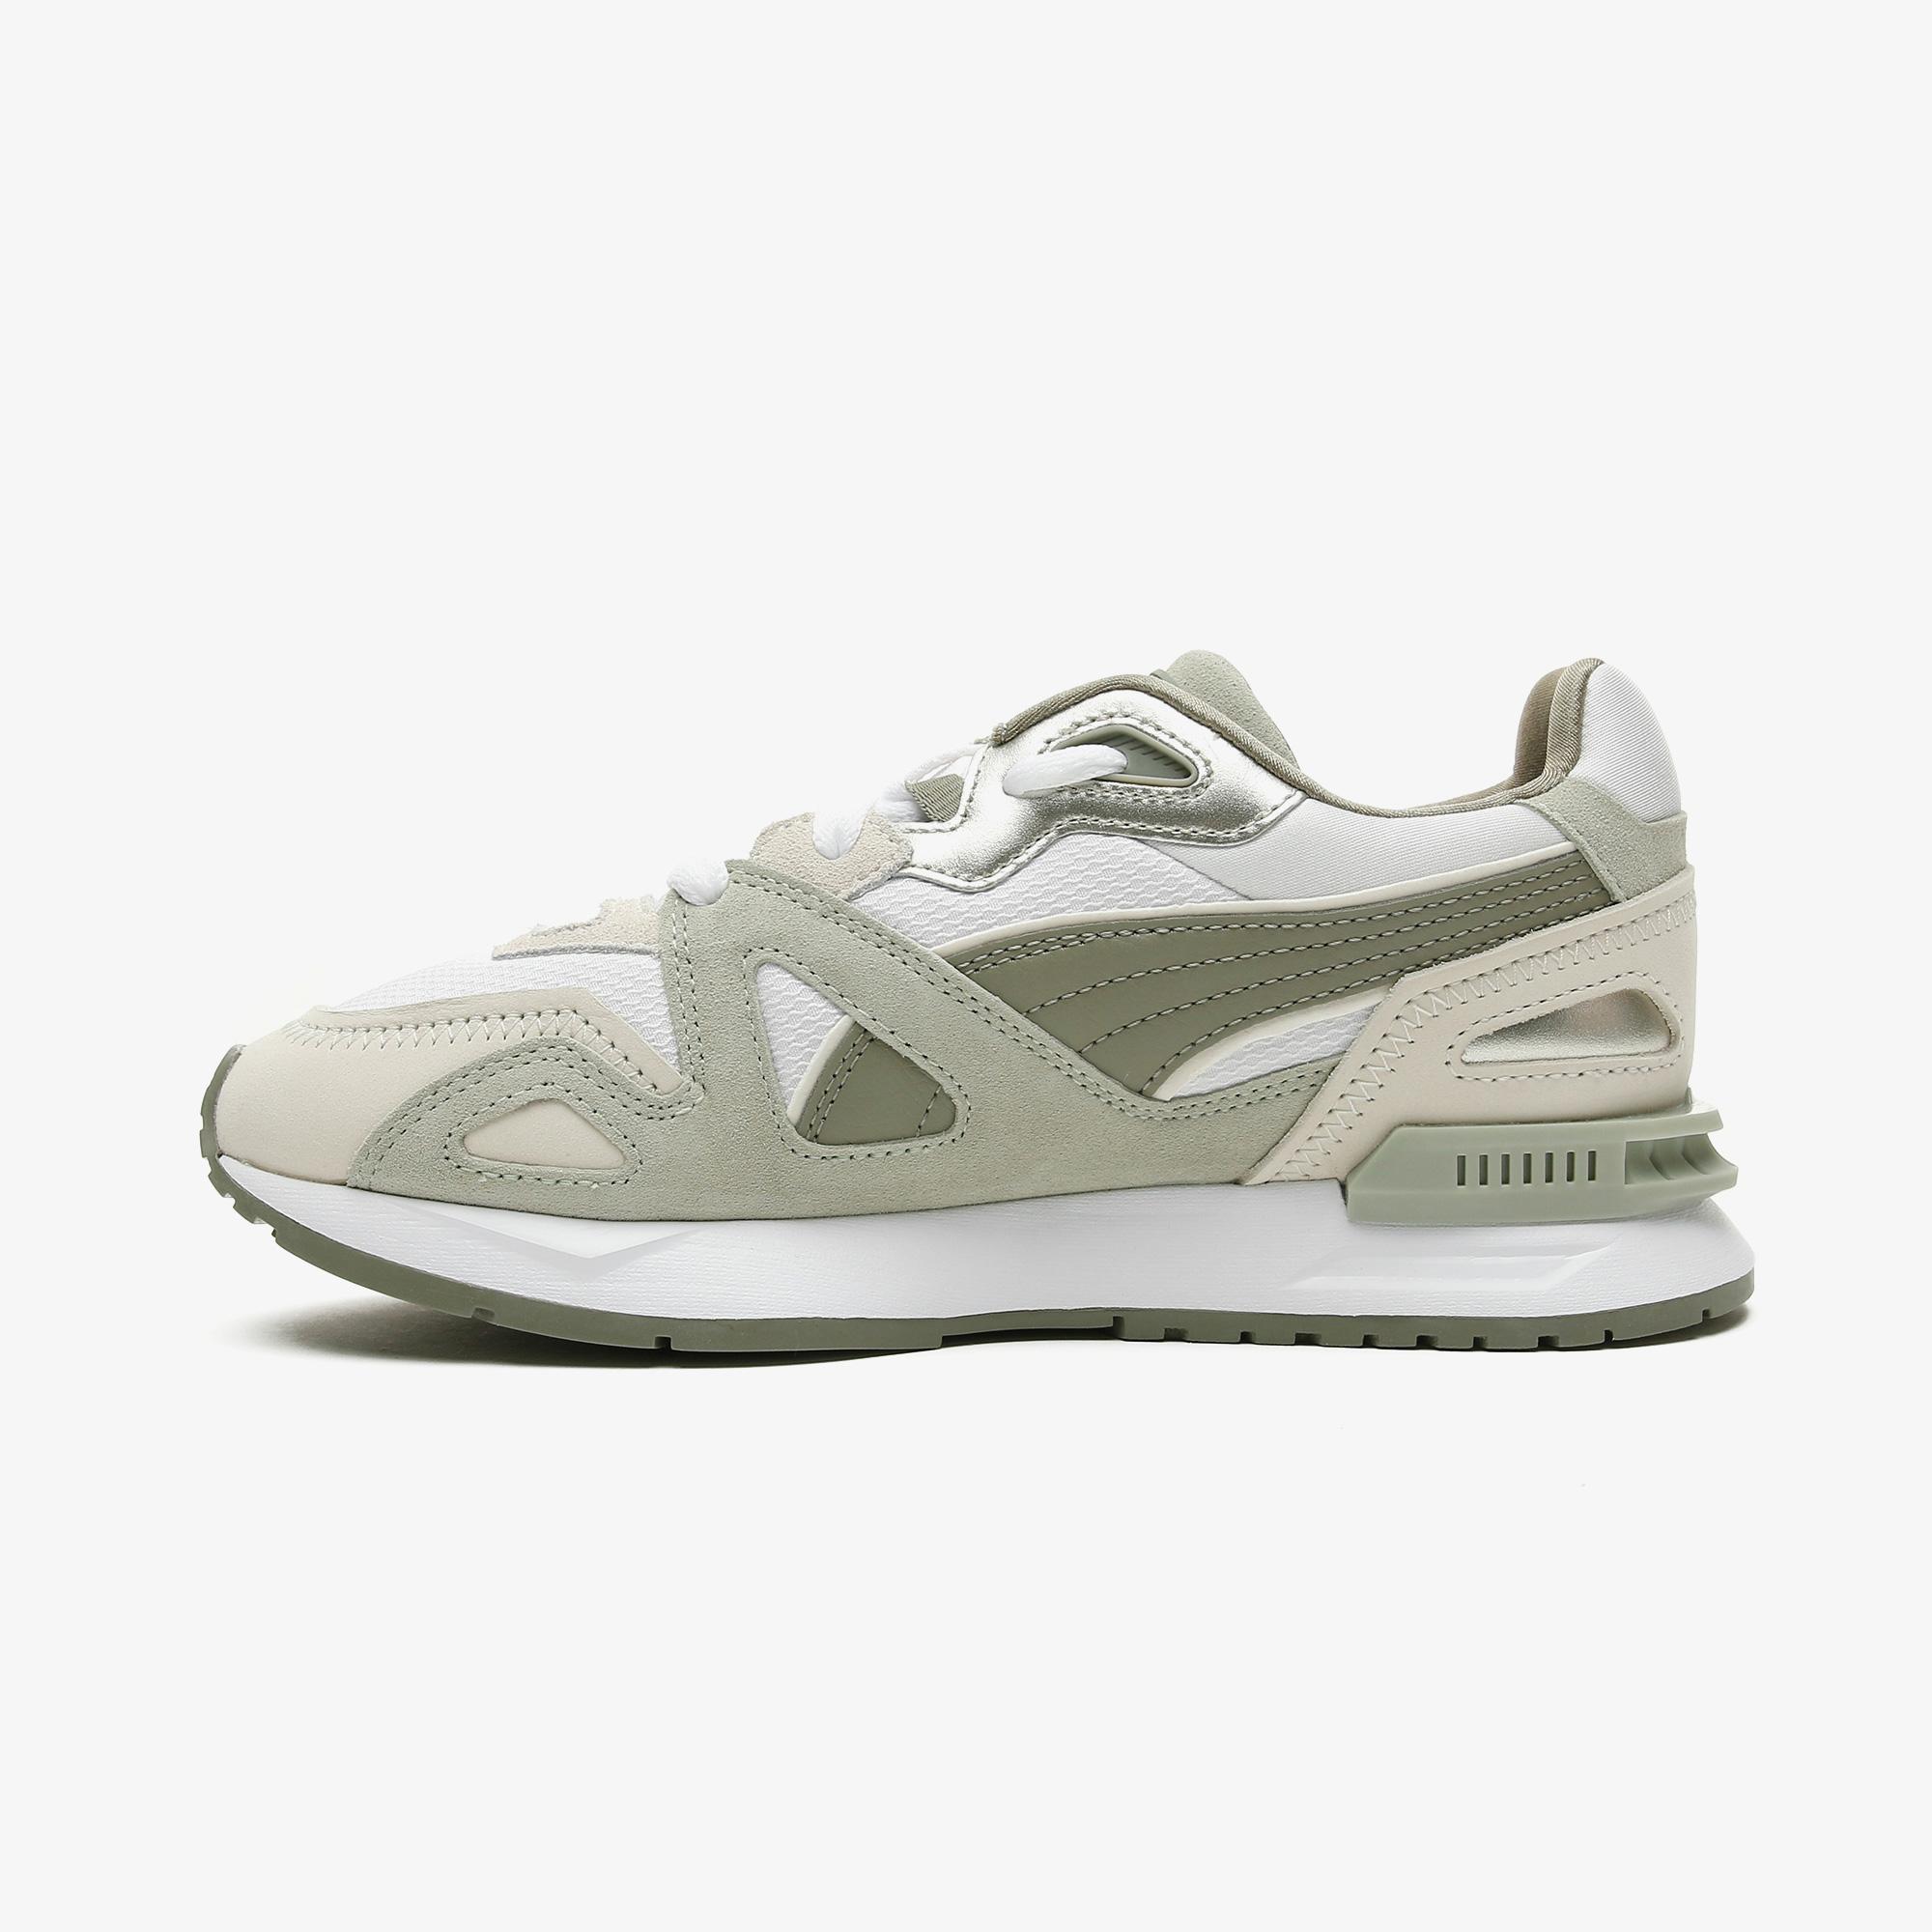 Puma Mirage Mox Metallic Kadın Yeşil Spor Ayakkabı